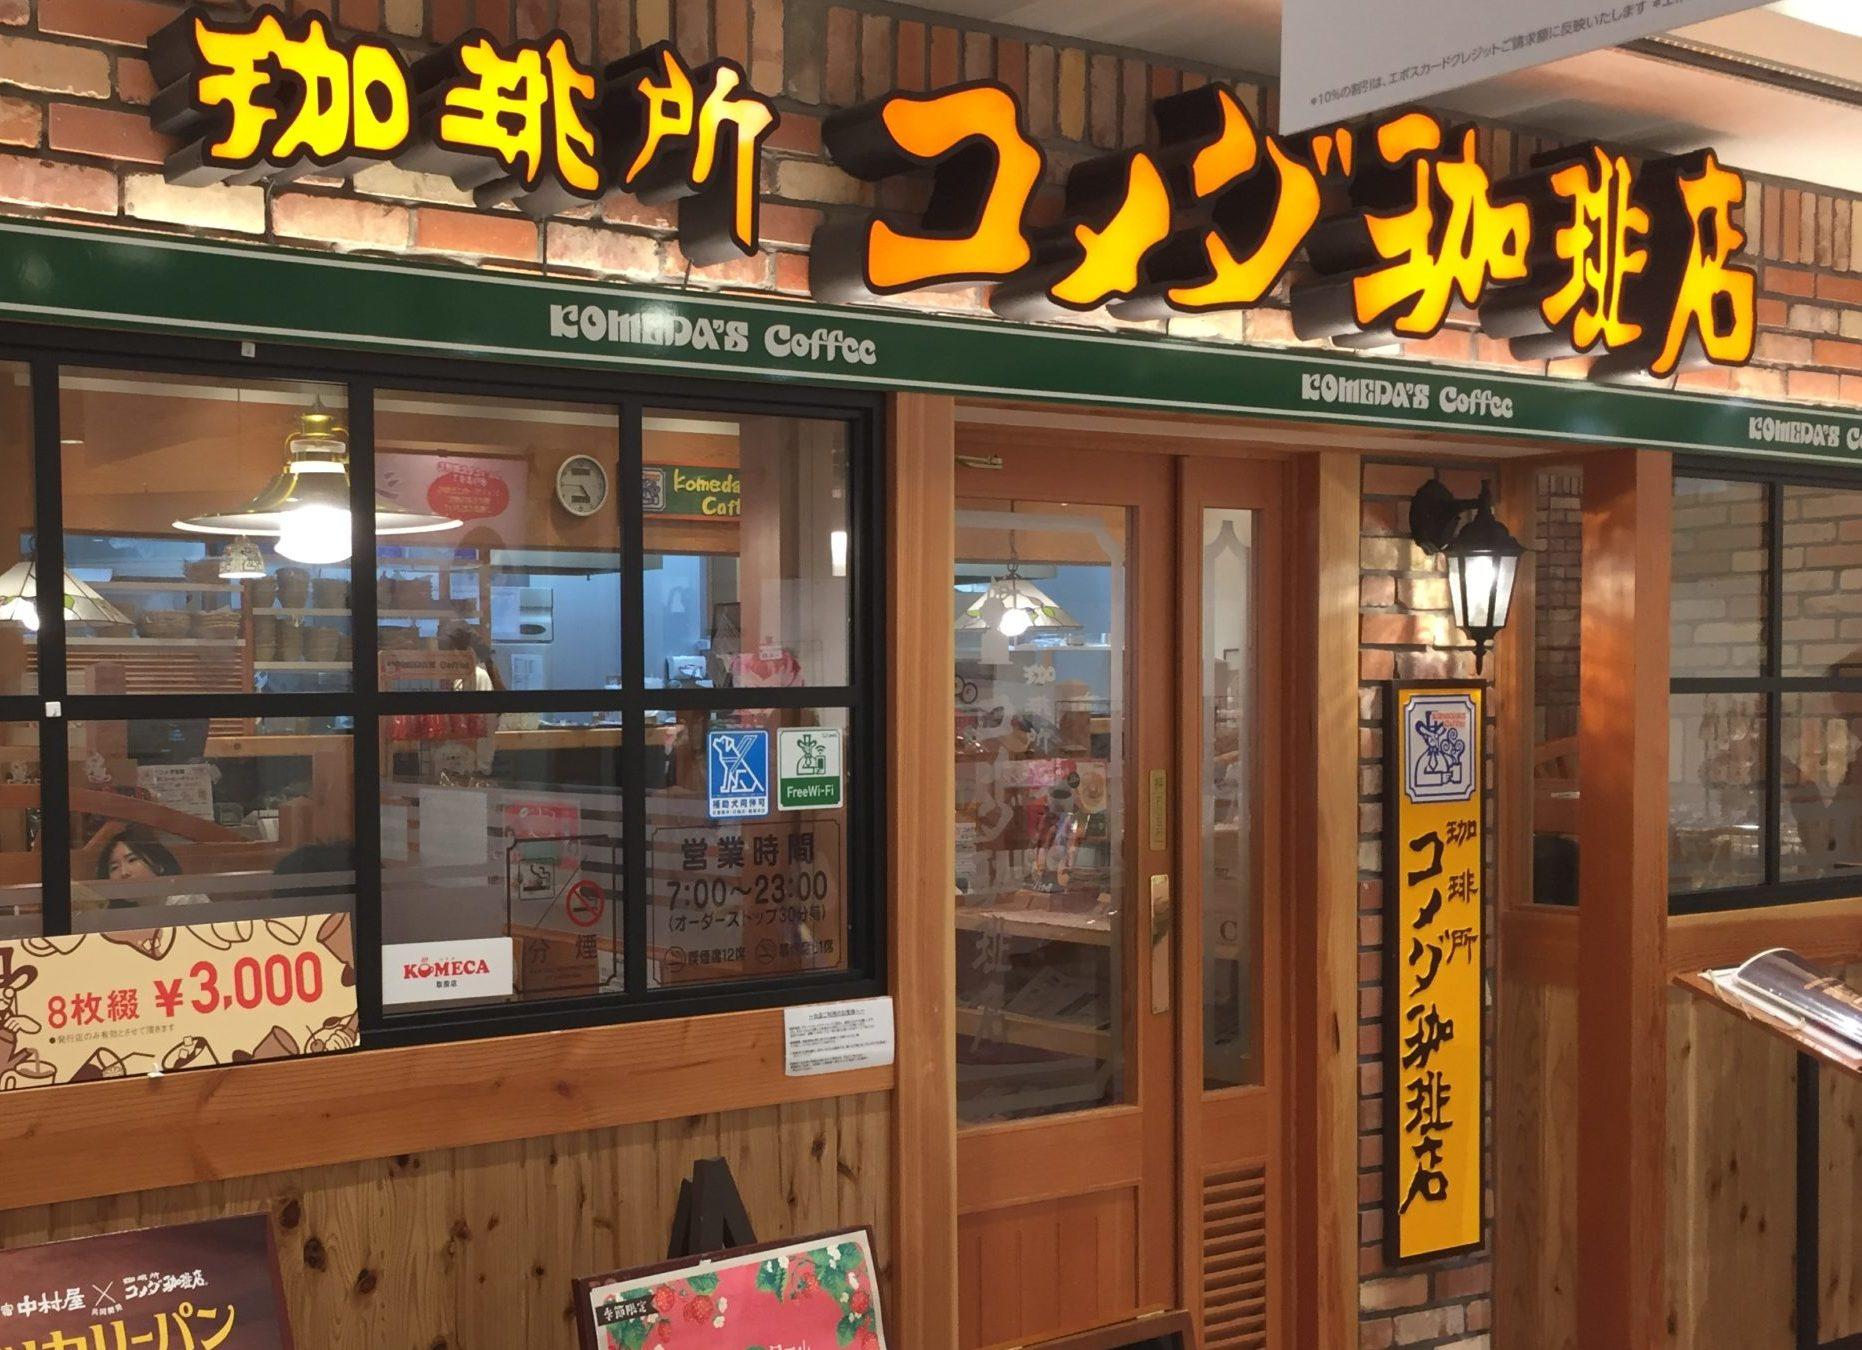 三条駅7番出口 電源カフェ コメダ珈琲店 河原町三条店 Wi-Fi